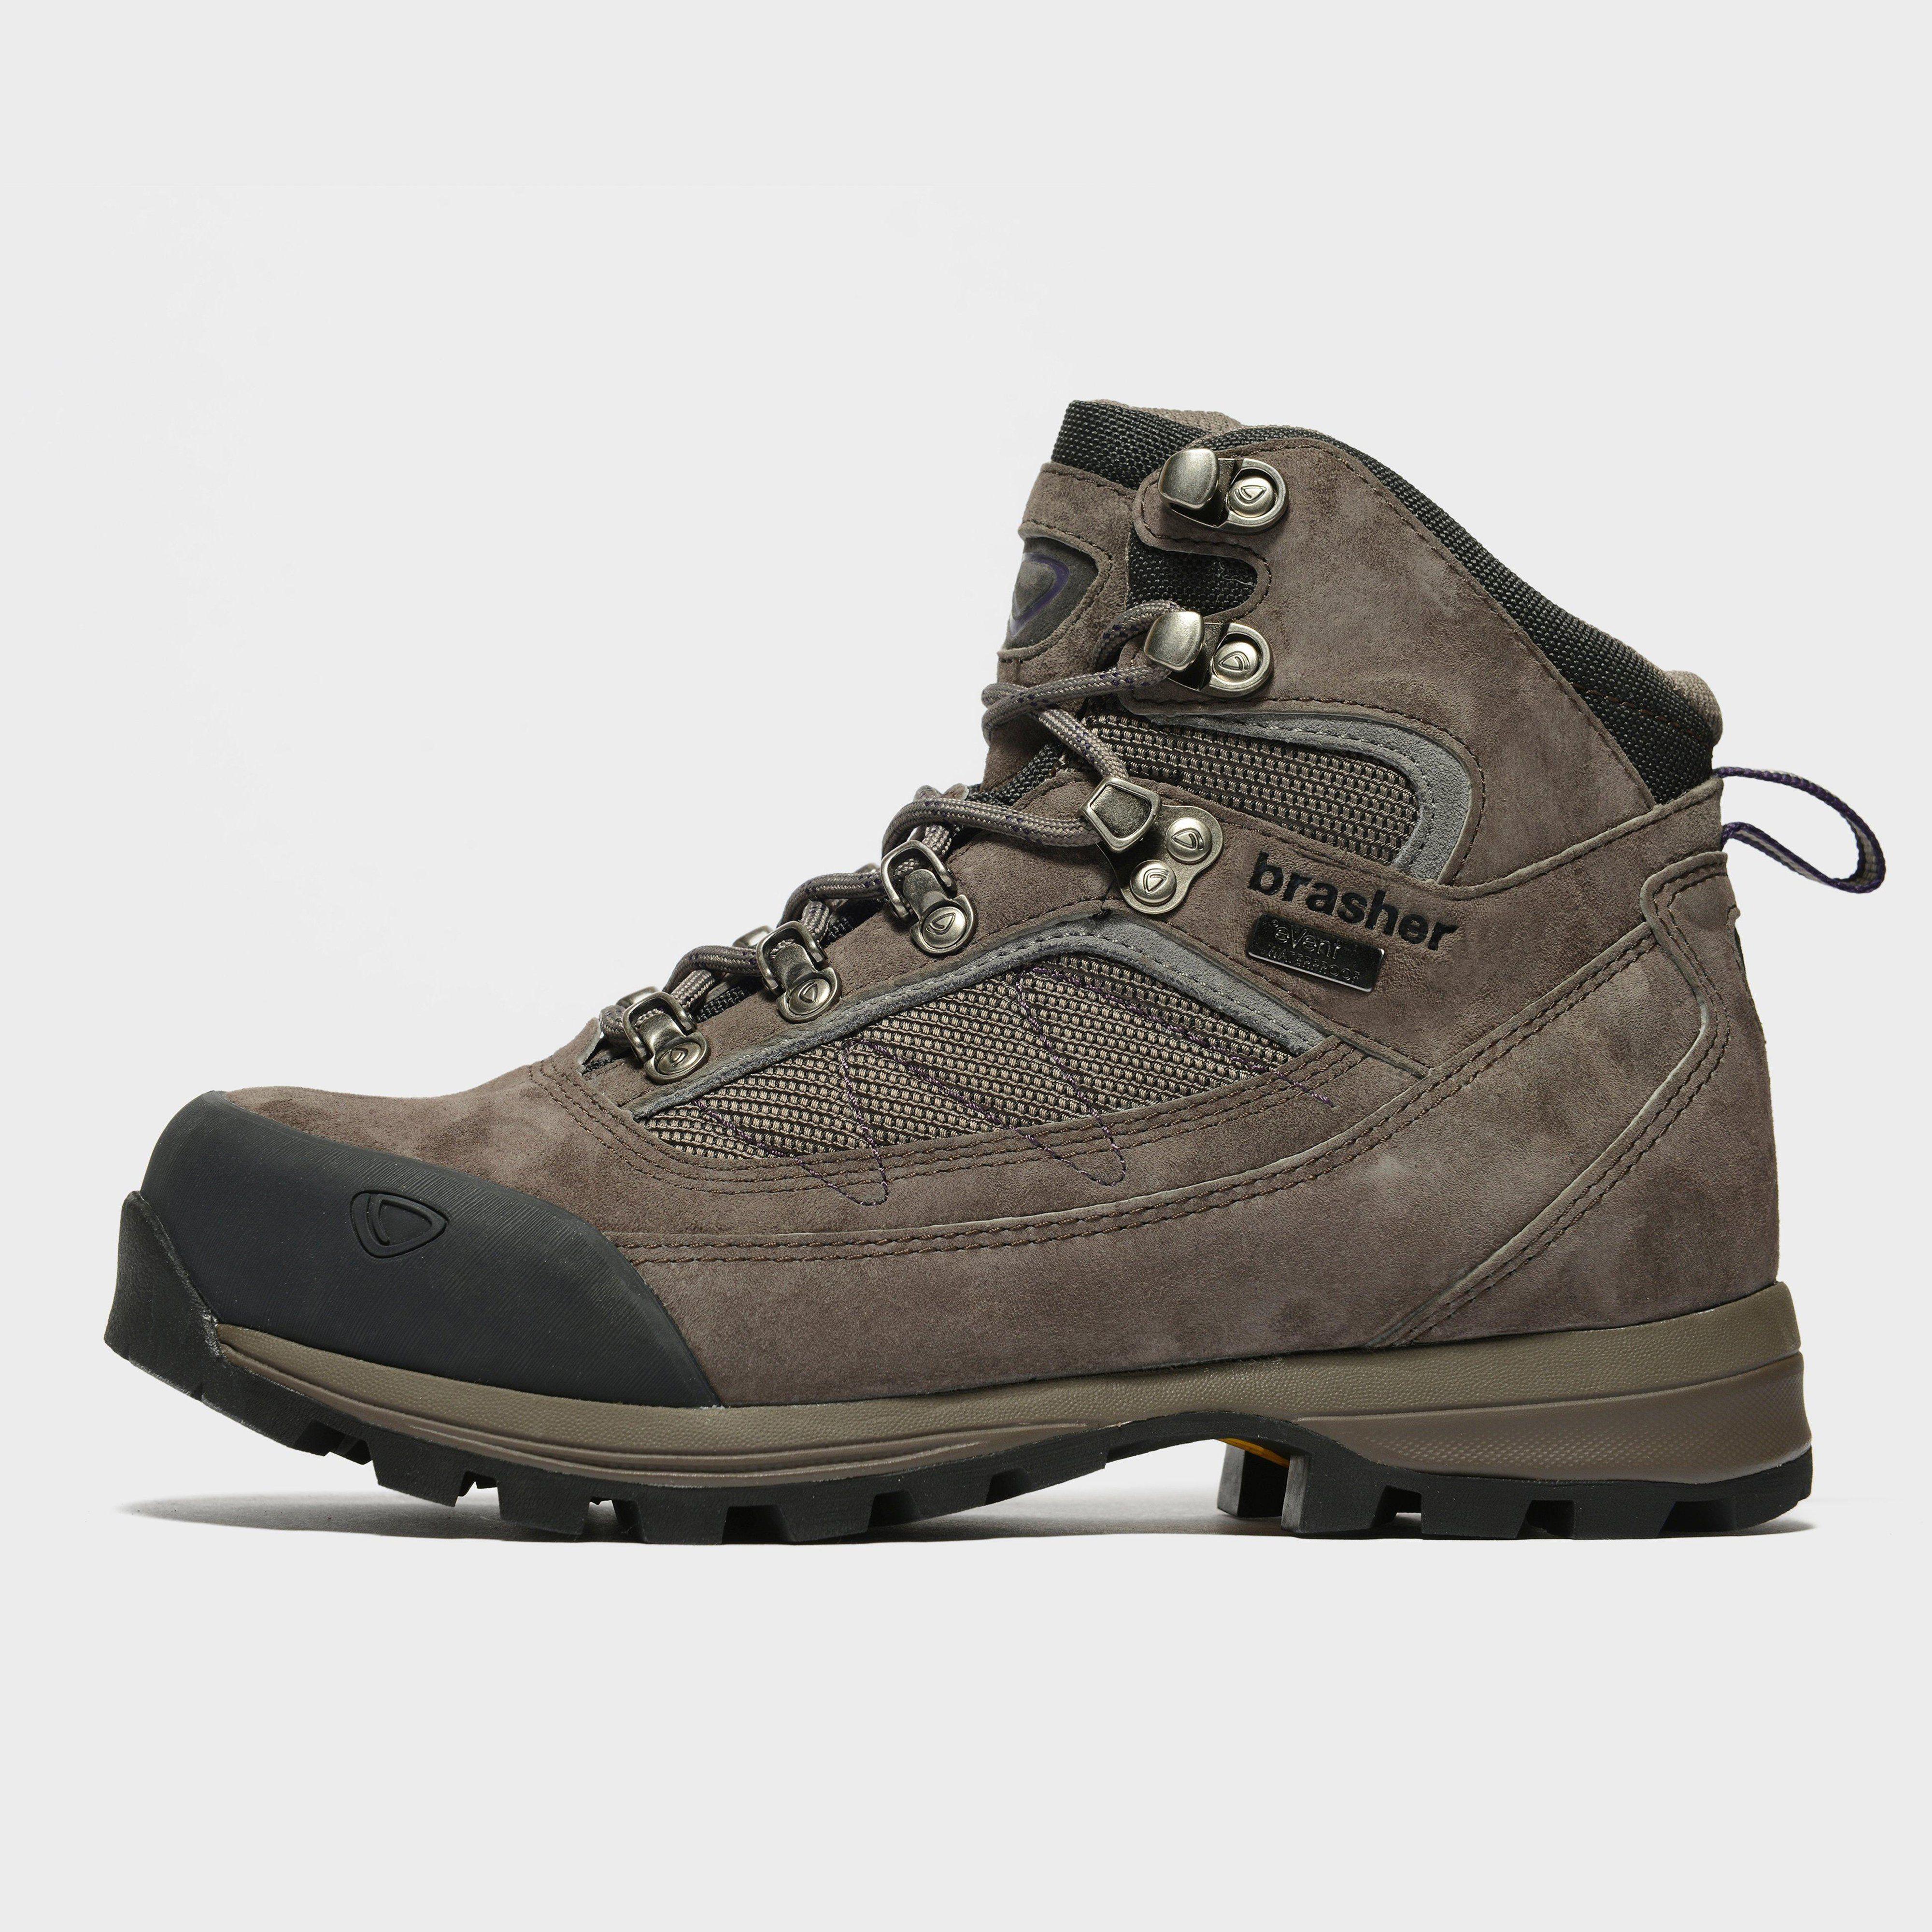 BRASHER Women's Country Trekker Walking Boots